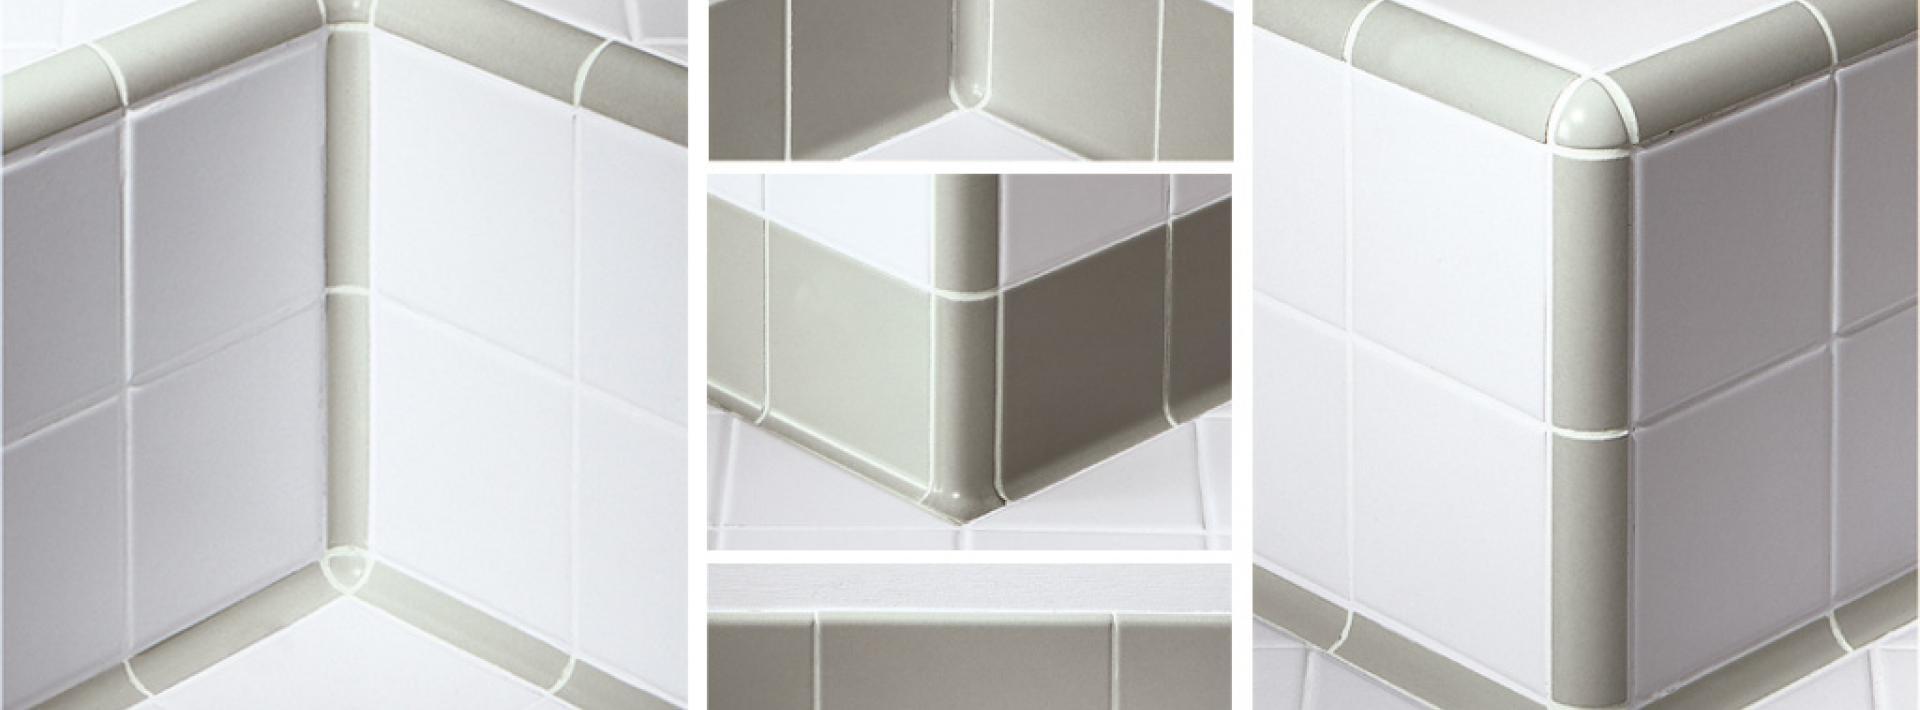 Pezzi Speciali In Ceramica.Battiscopa Zoccoli Toro Canalette Pezzi Speciali Di Ceramicavogue